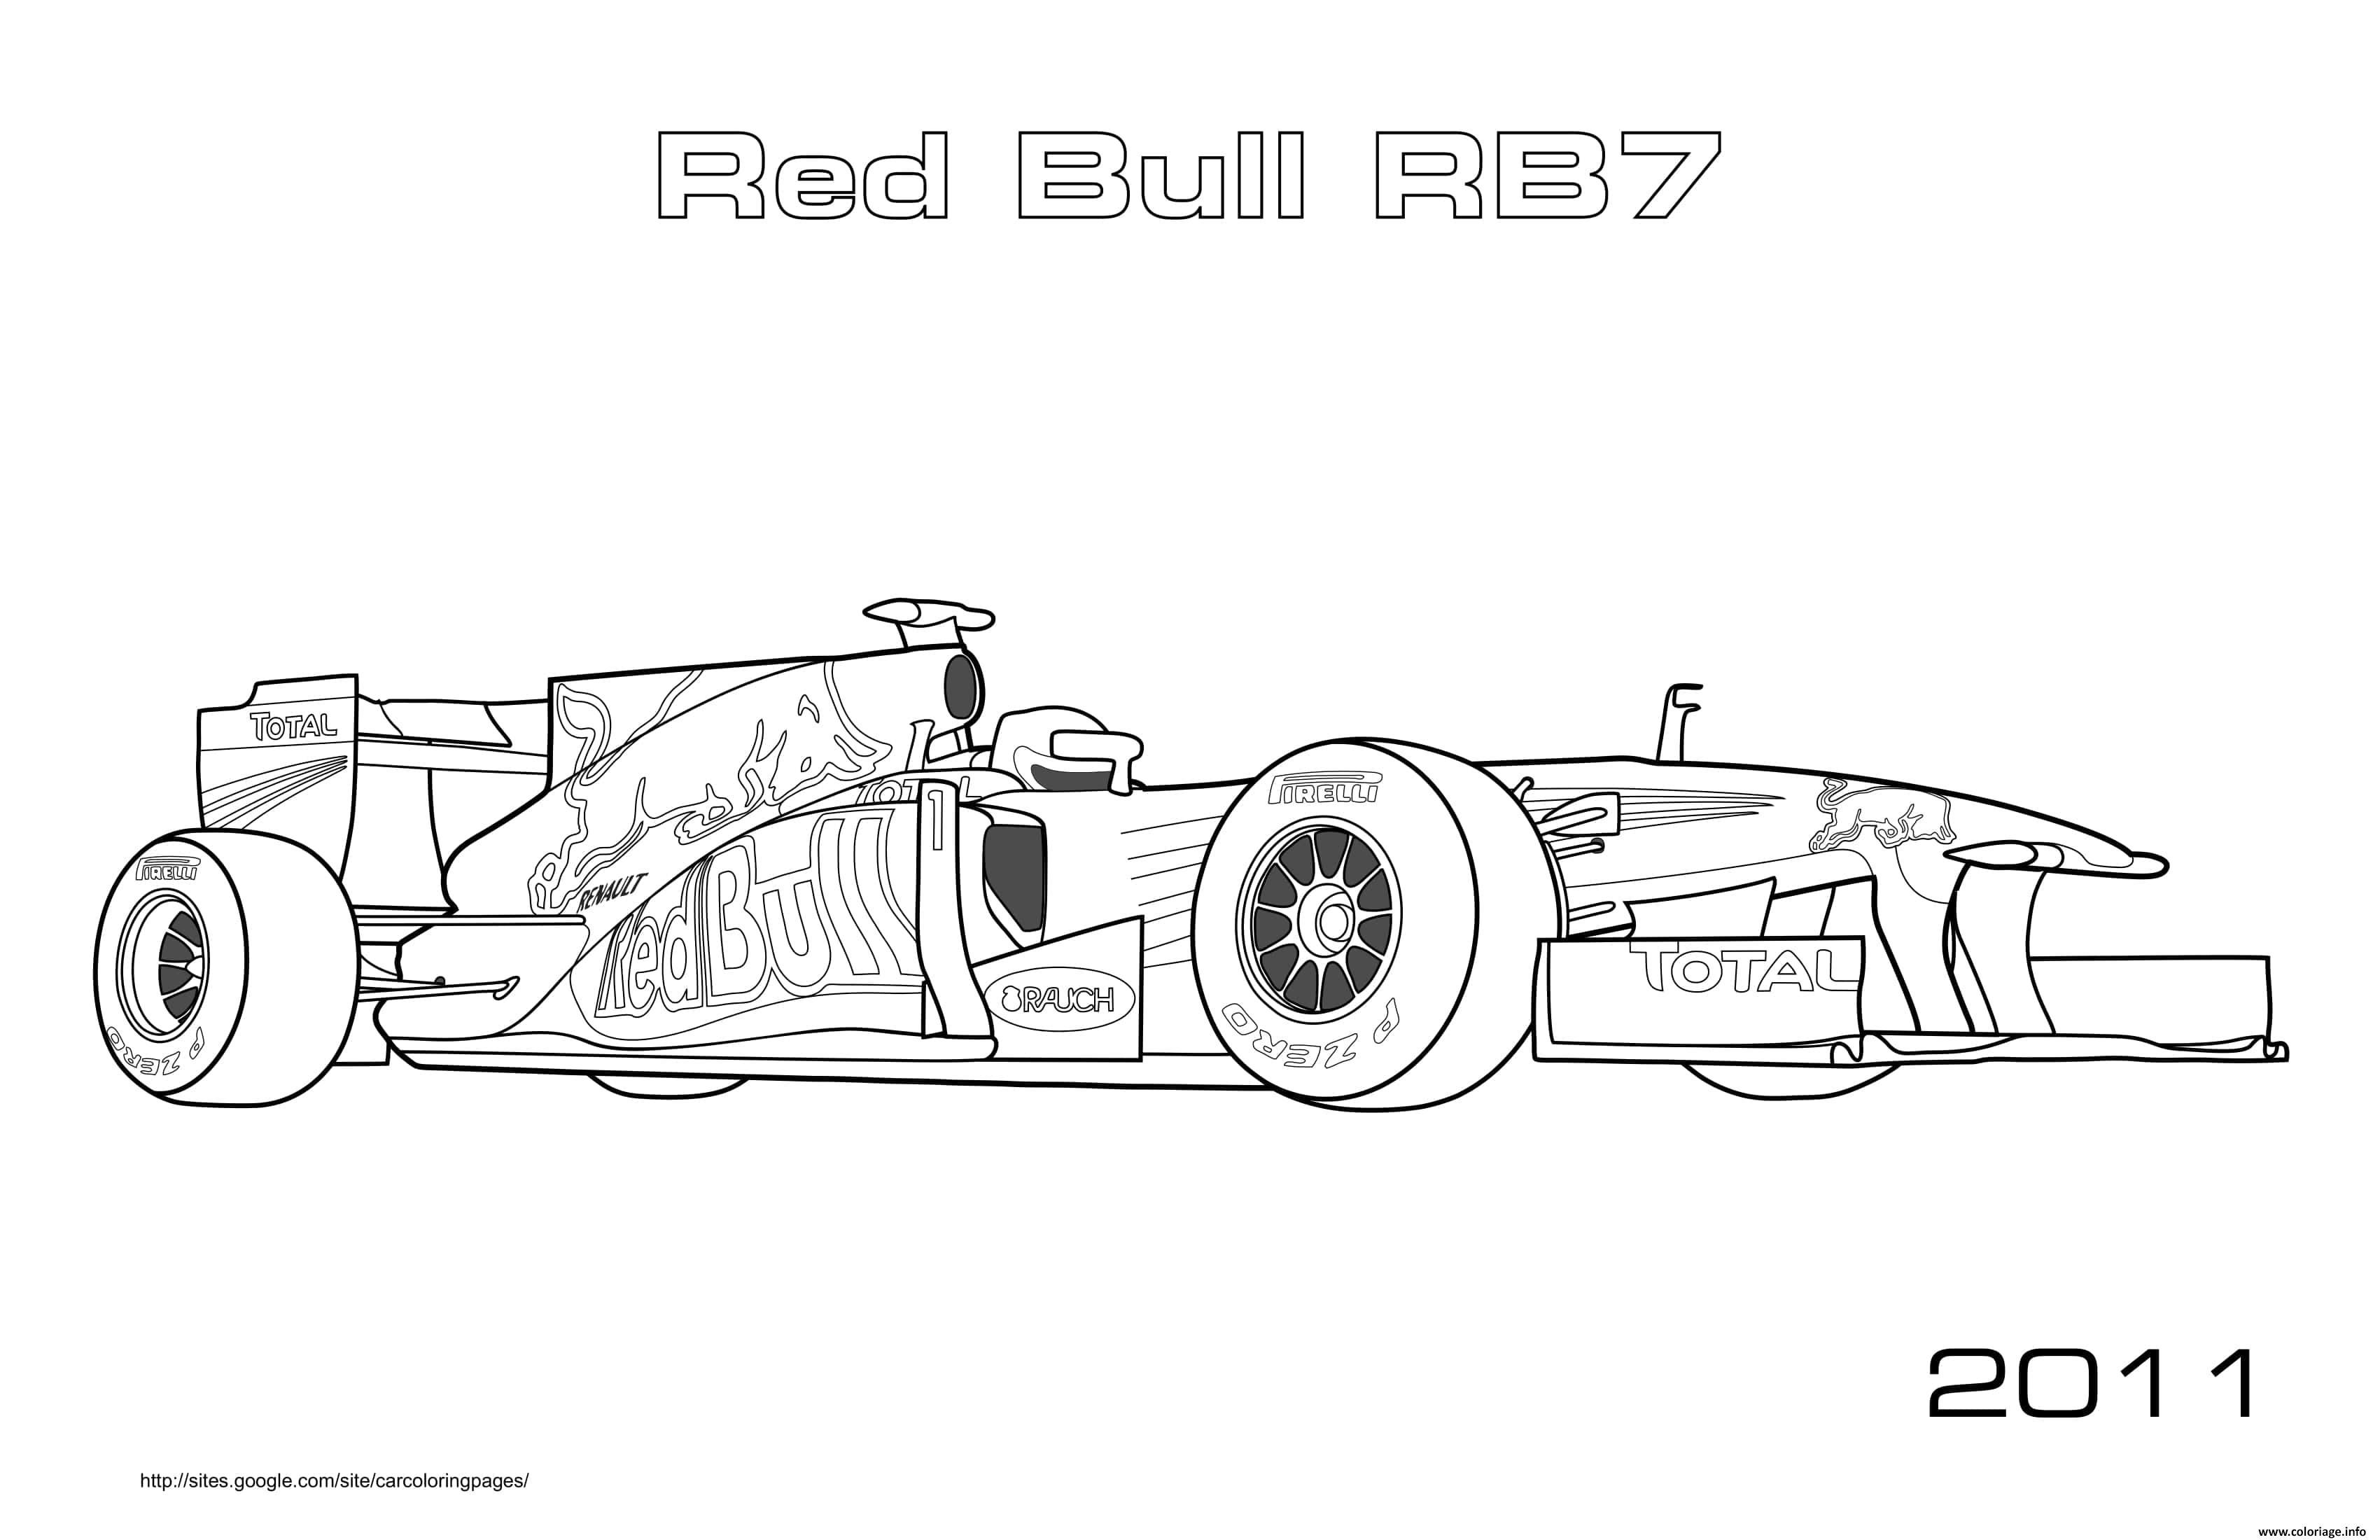 Dessin Formule 1 Red Bull Rb7 2011 Coloriage Gratuit à Imprimer